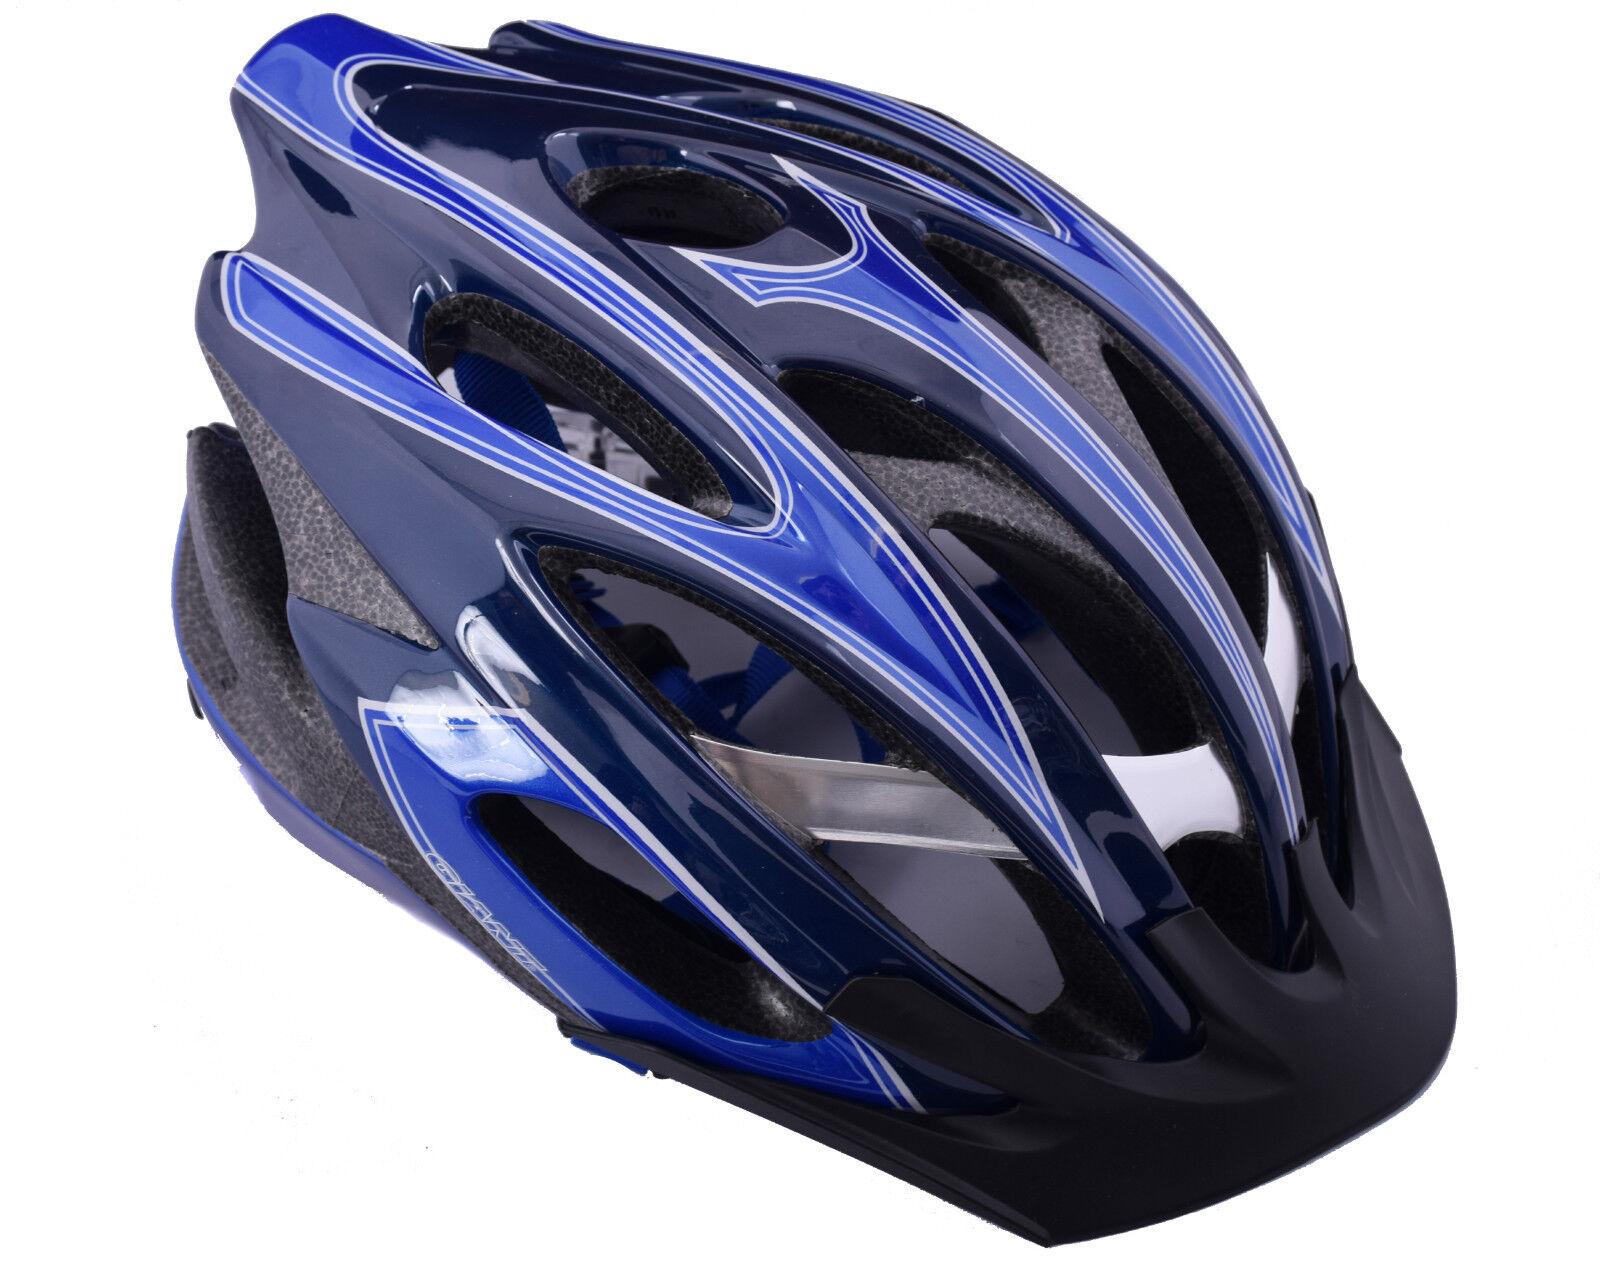 GIANT IXION Mountain Bike aluminium renforcé Casque Petit 51-54 51-54 51-54 cm Bleu/Noir 46307f